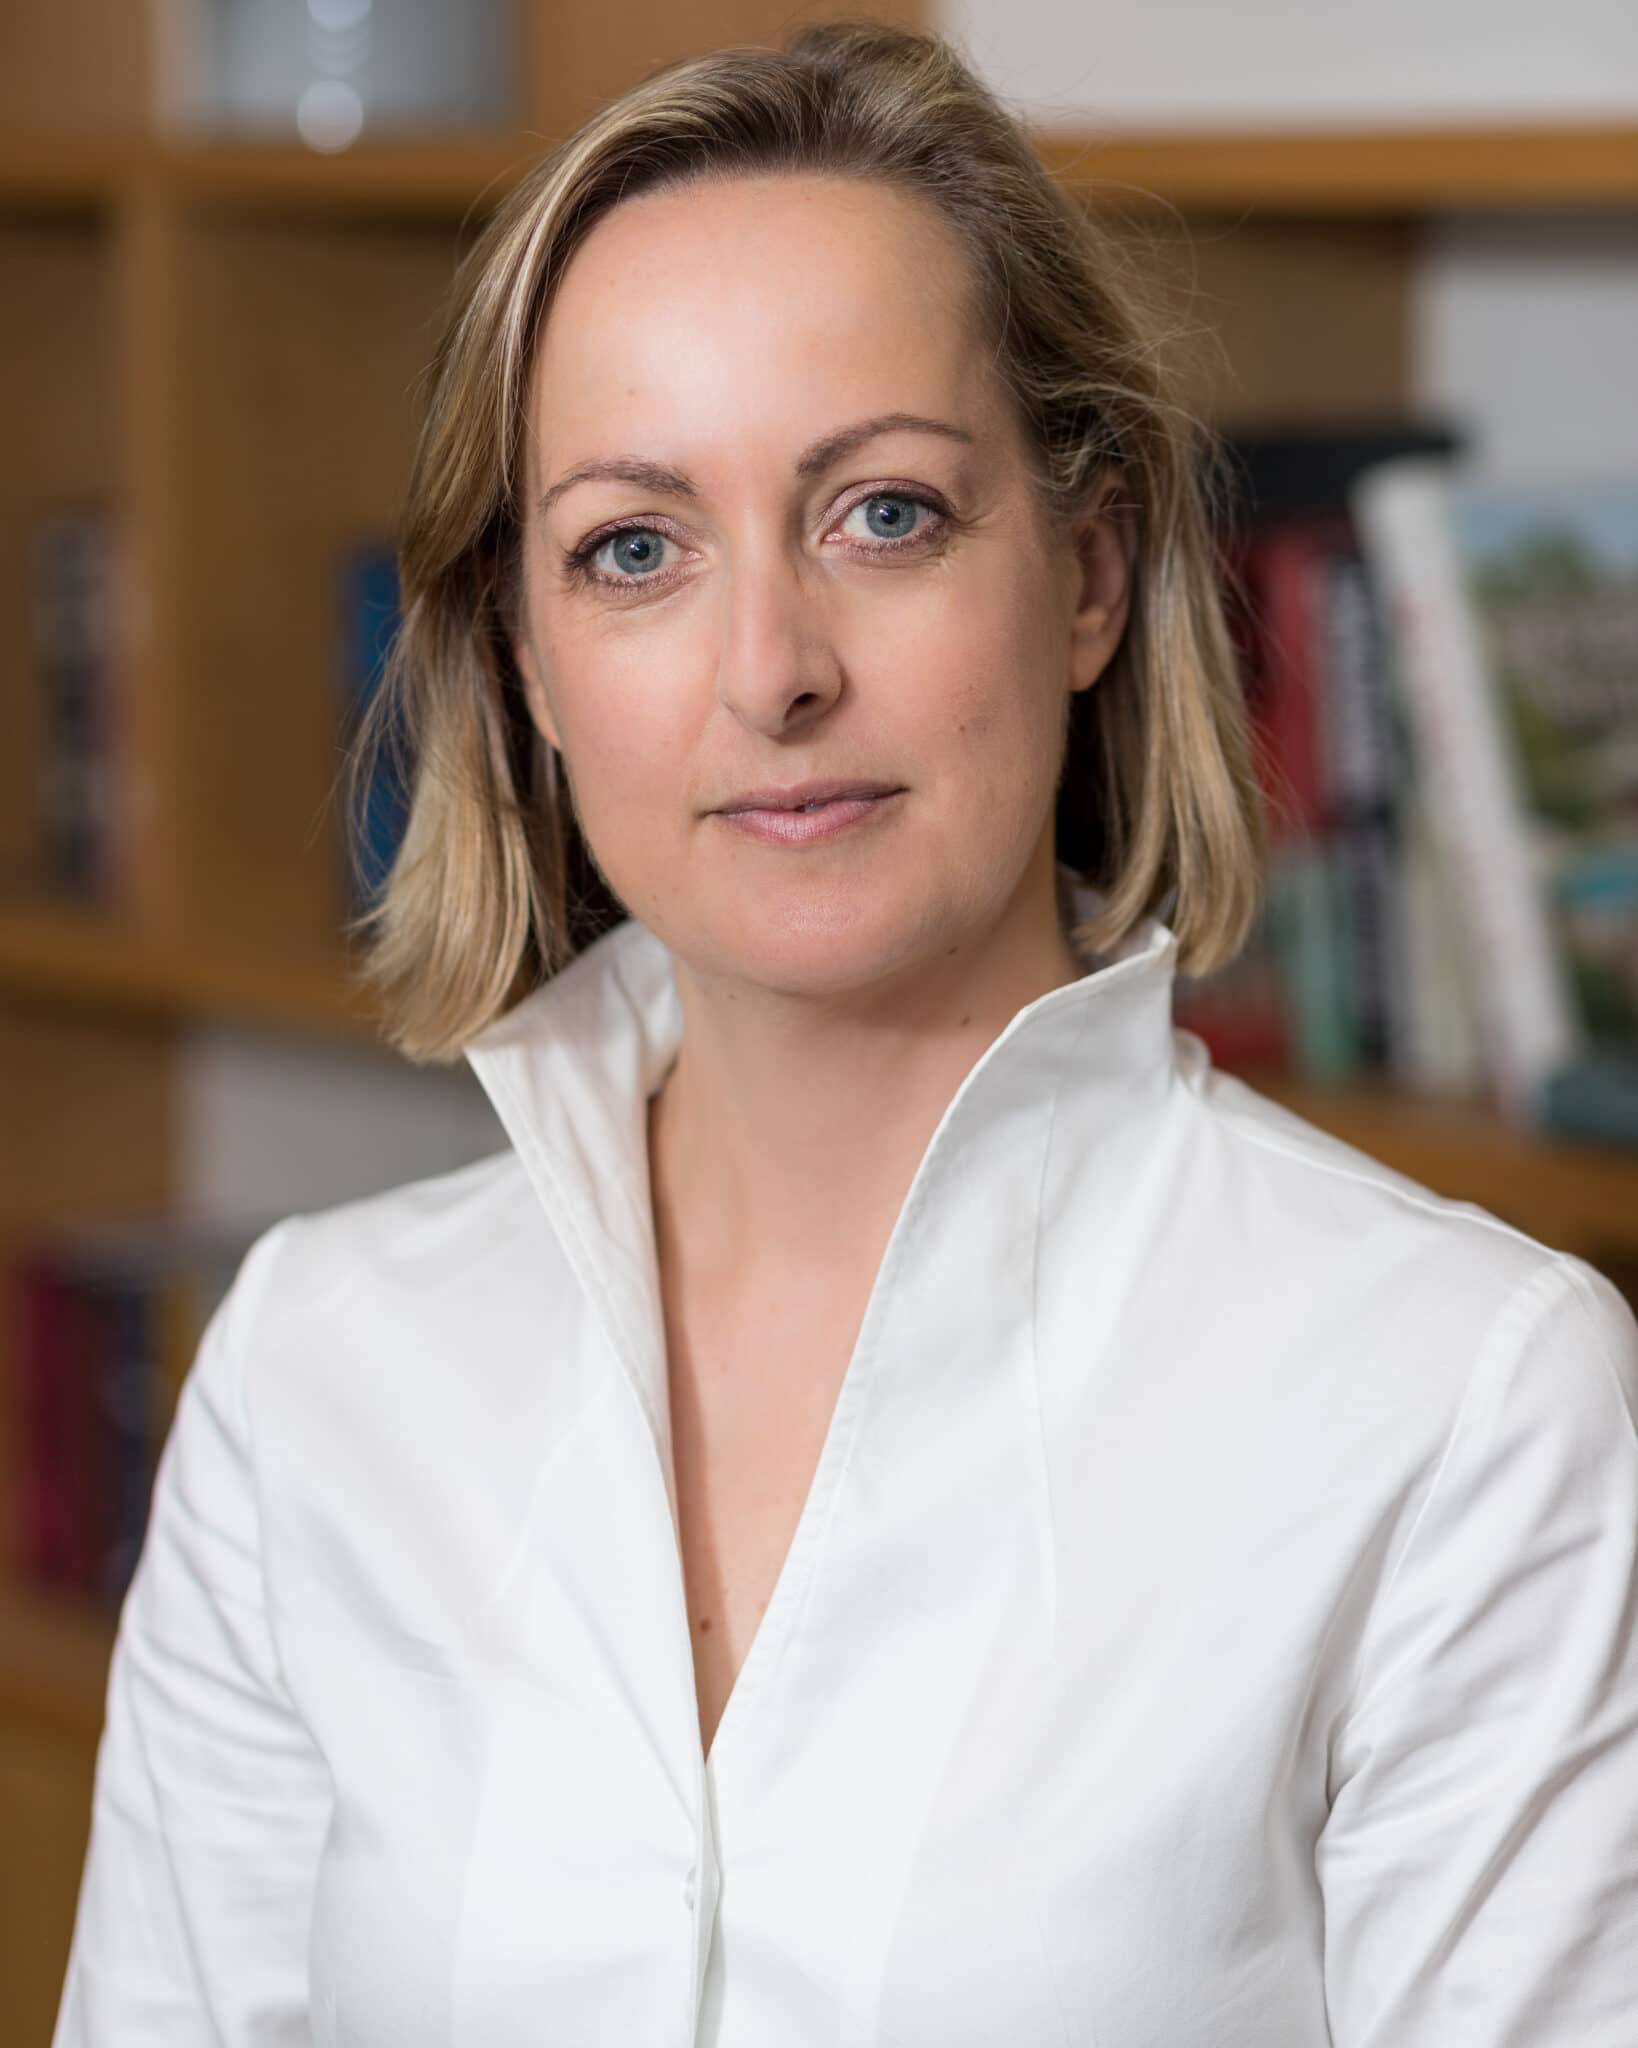 Catherine Whitaker EtonX scaled